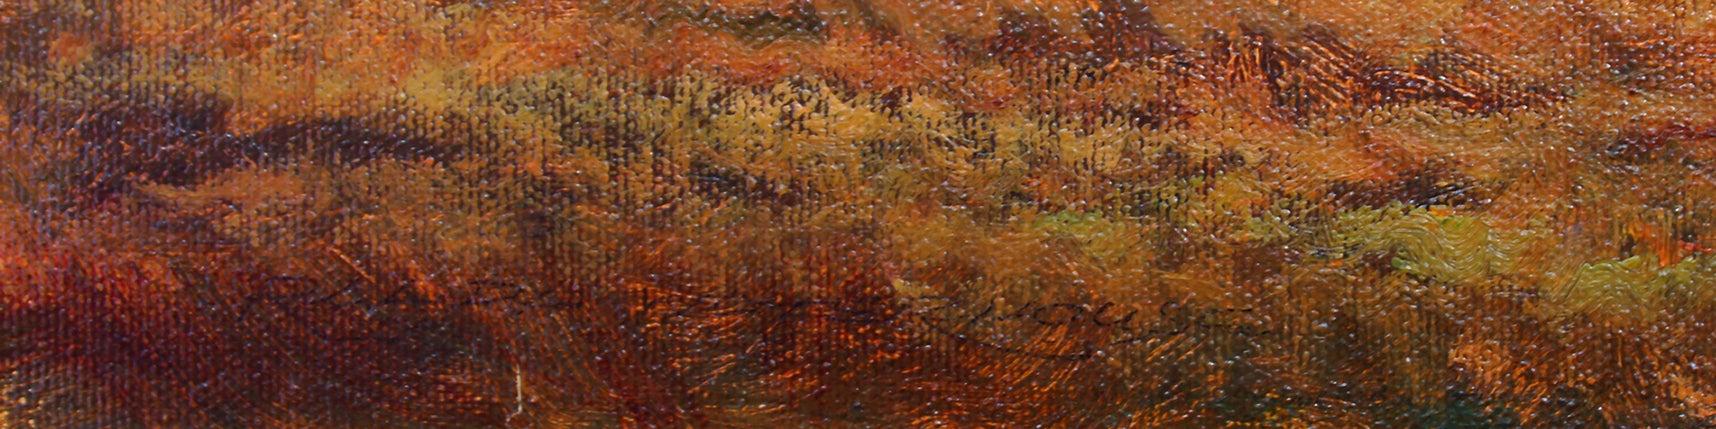 Waterhouse Gallery